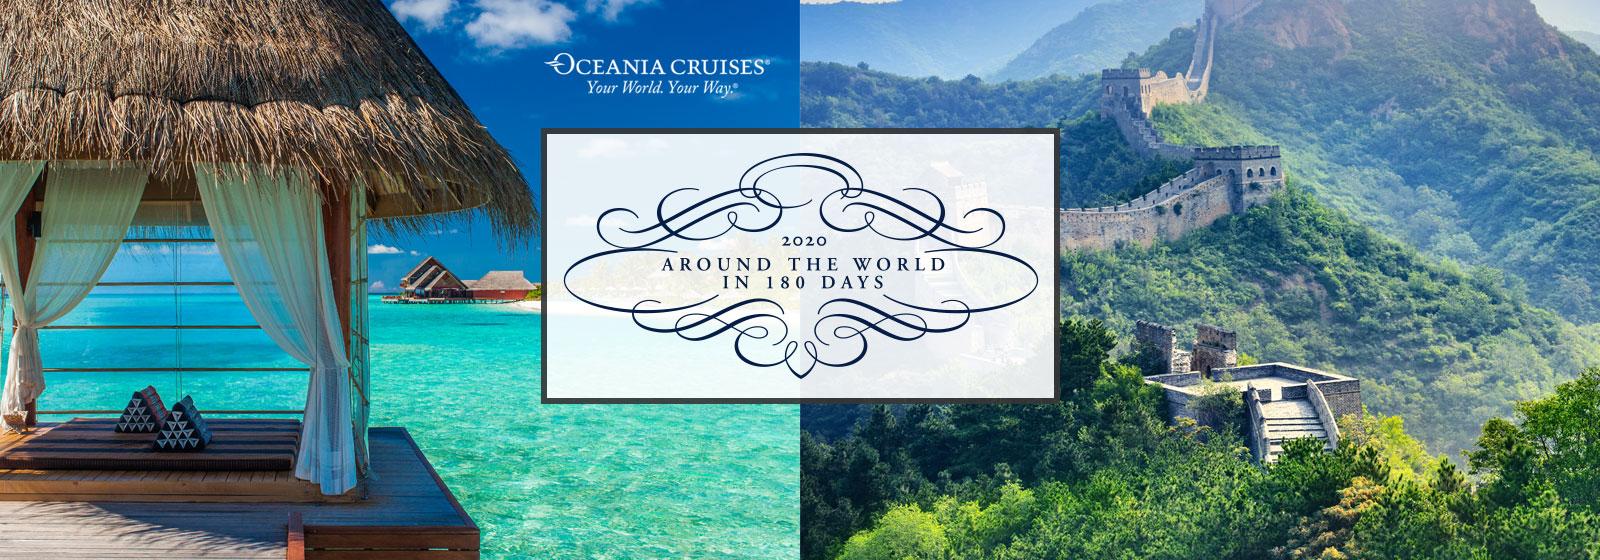 2020 Around The World Cruise